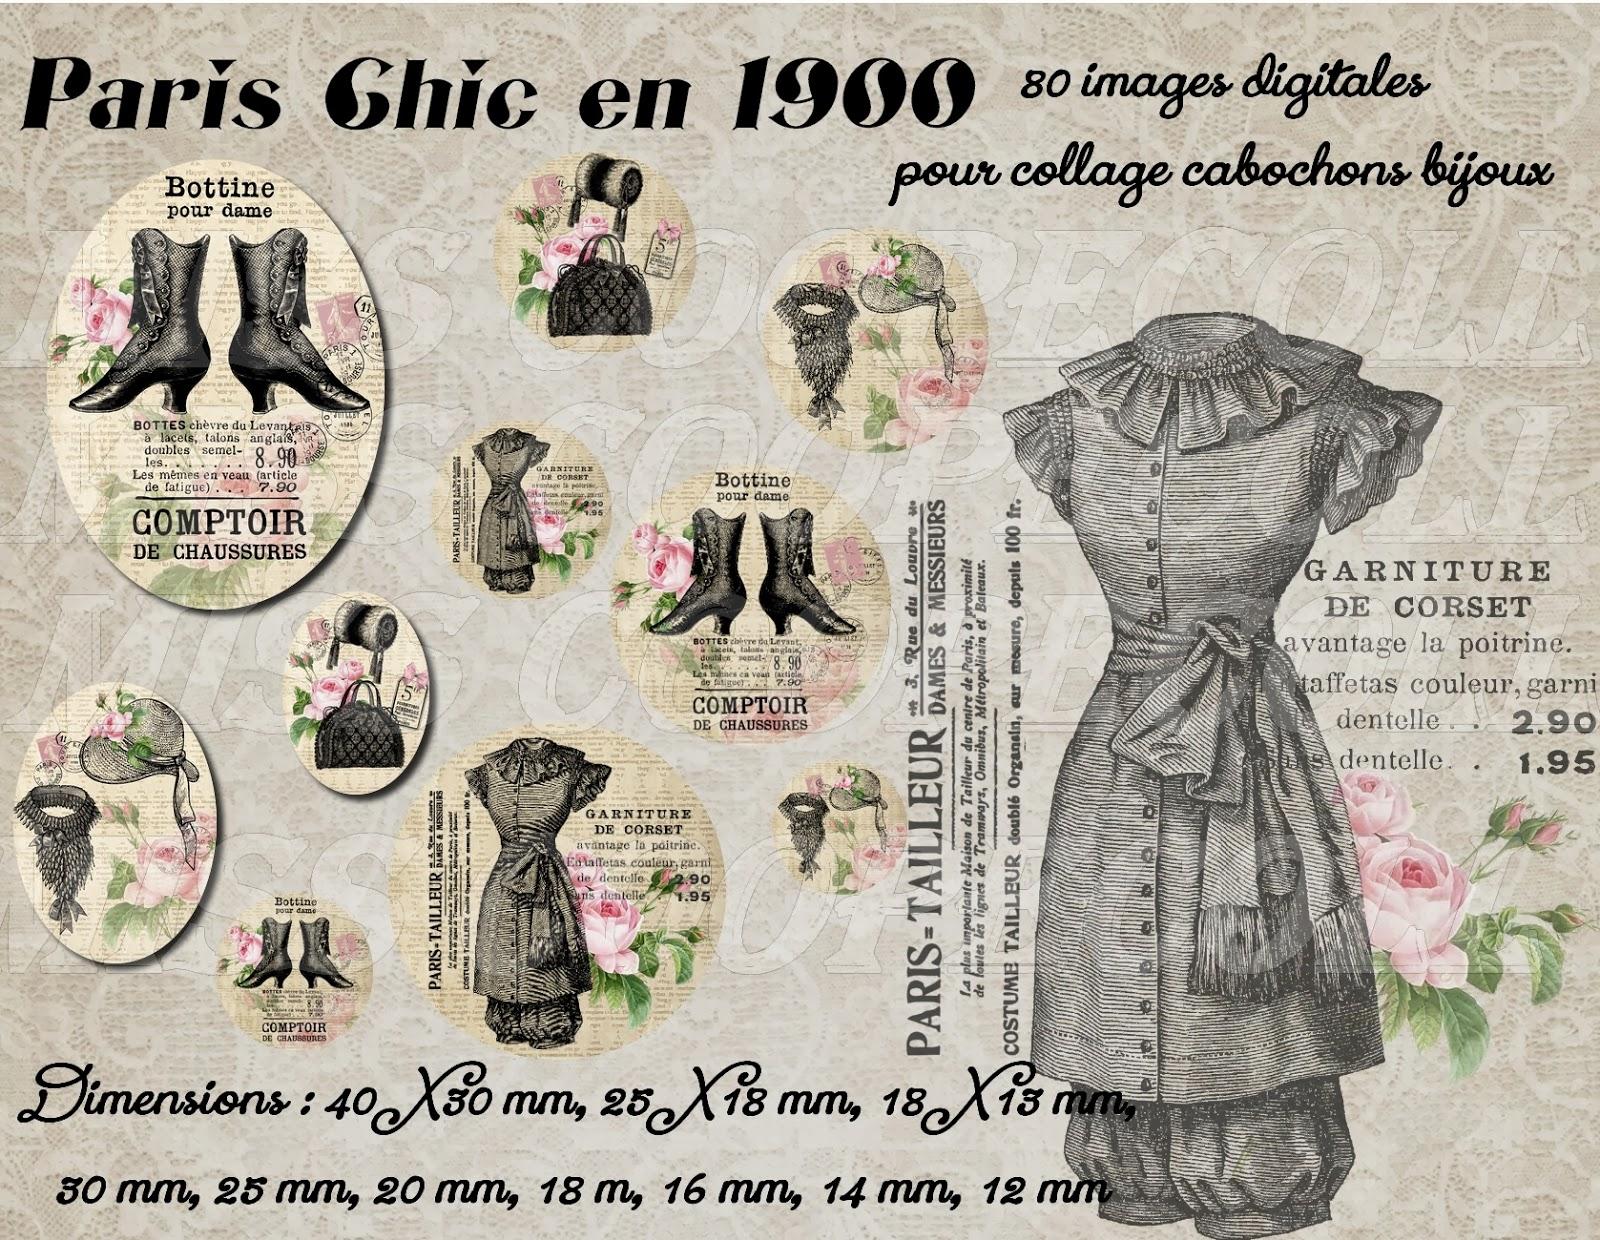 http://www.alittlemarket.com/loisirs-creatifs-scrapbooking/nouveaute_80_images_pour_collage_digital_cabochons_bijoux_paris_chic_en_1900_envoi_par_mail-6926097.html